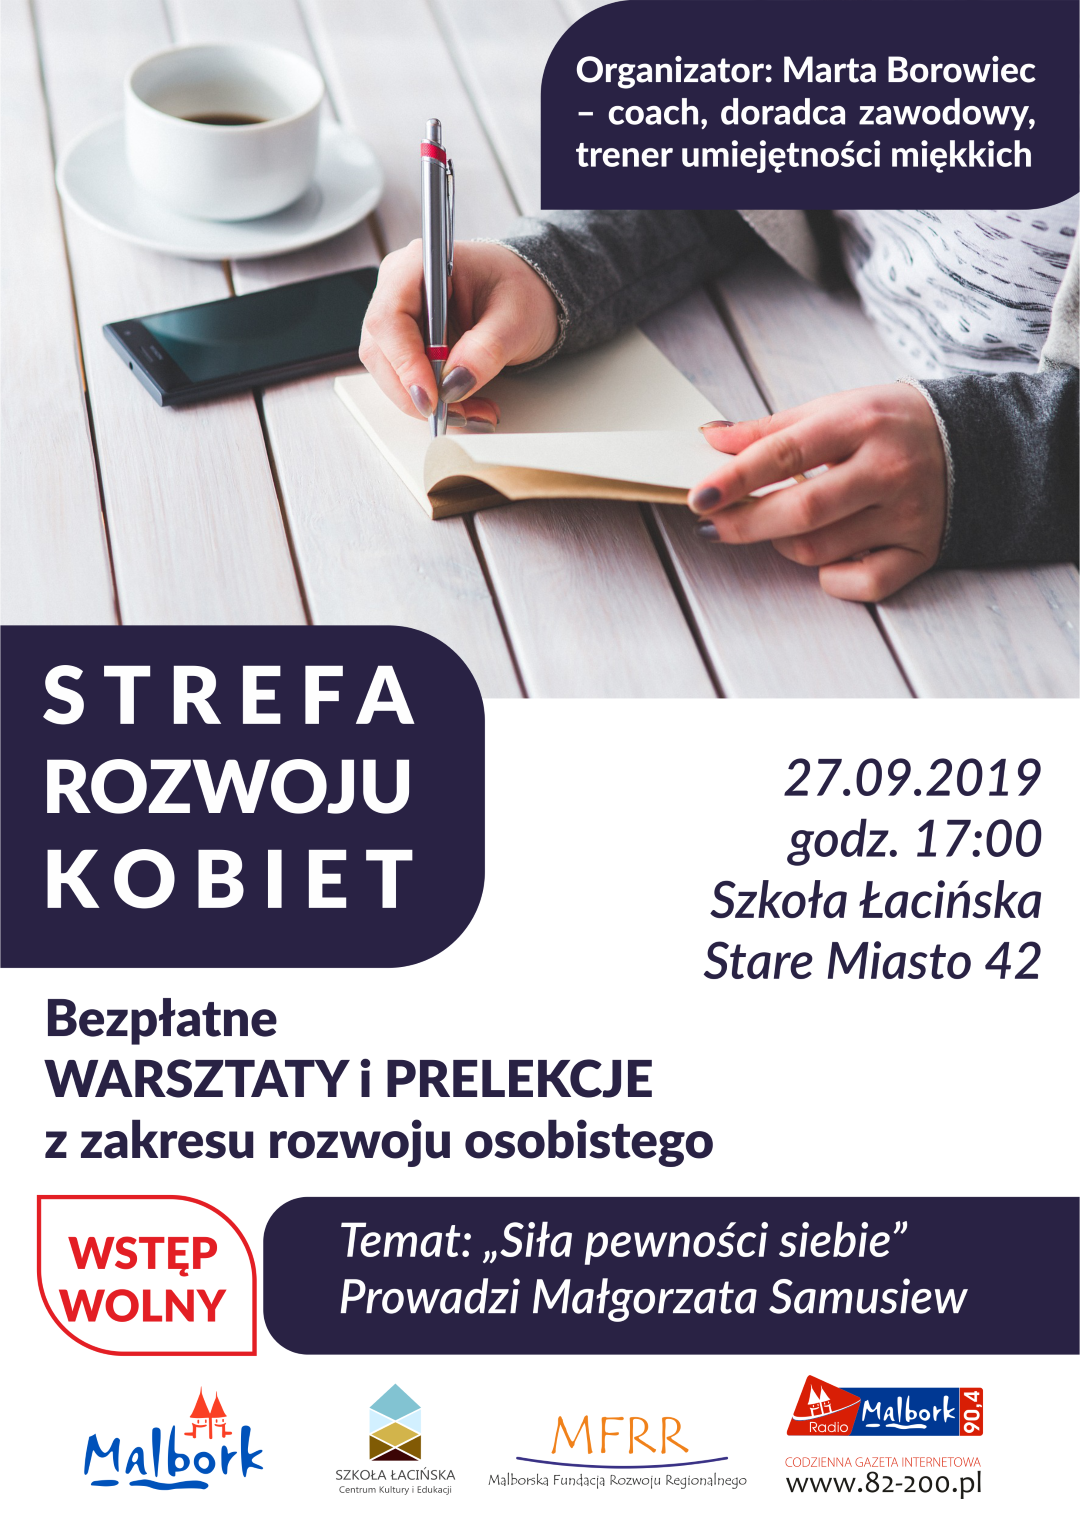 http://m.82-200.pl/2019/09/orig/strefa-4945.png